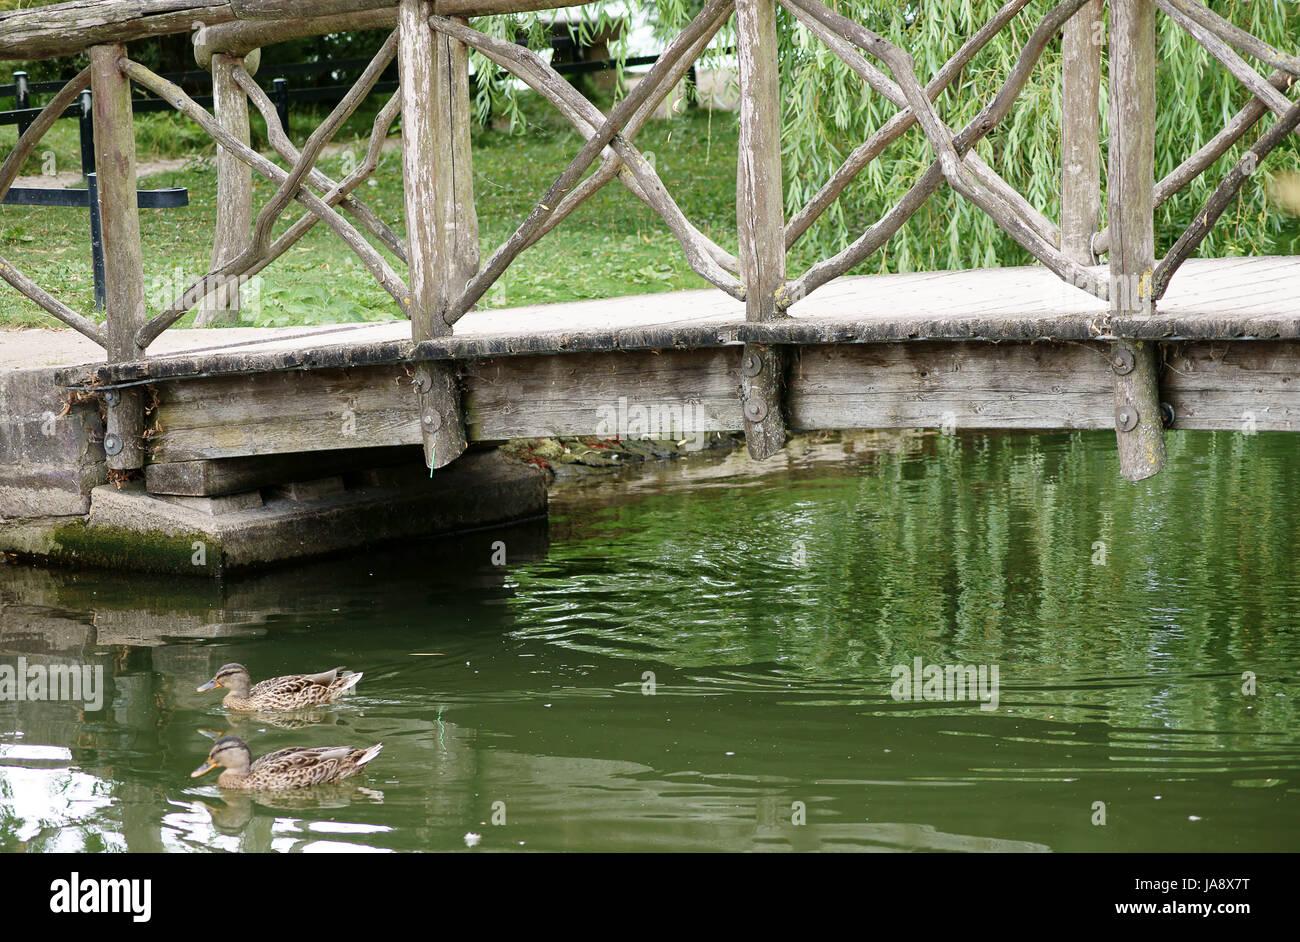 waters, bridge, fresh water, pond, water, lake, inland water, scenery, Stock Photo